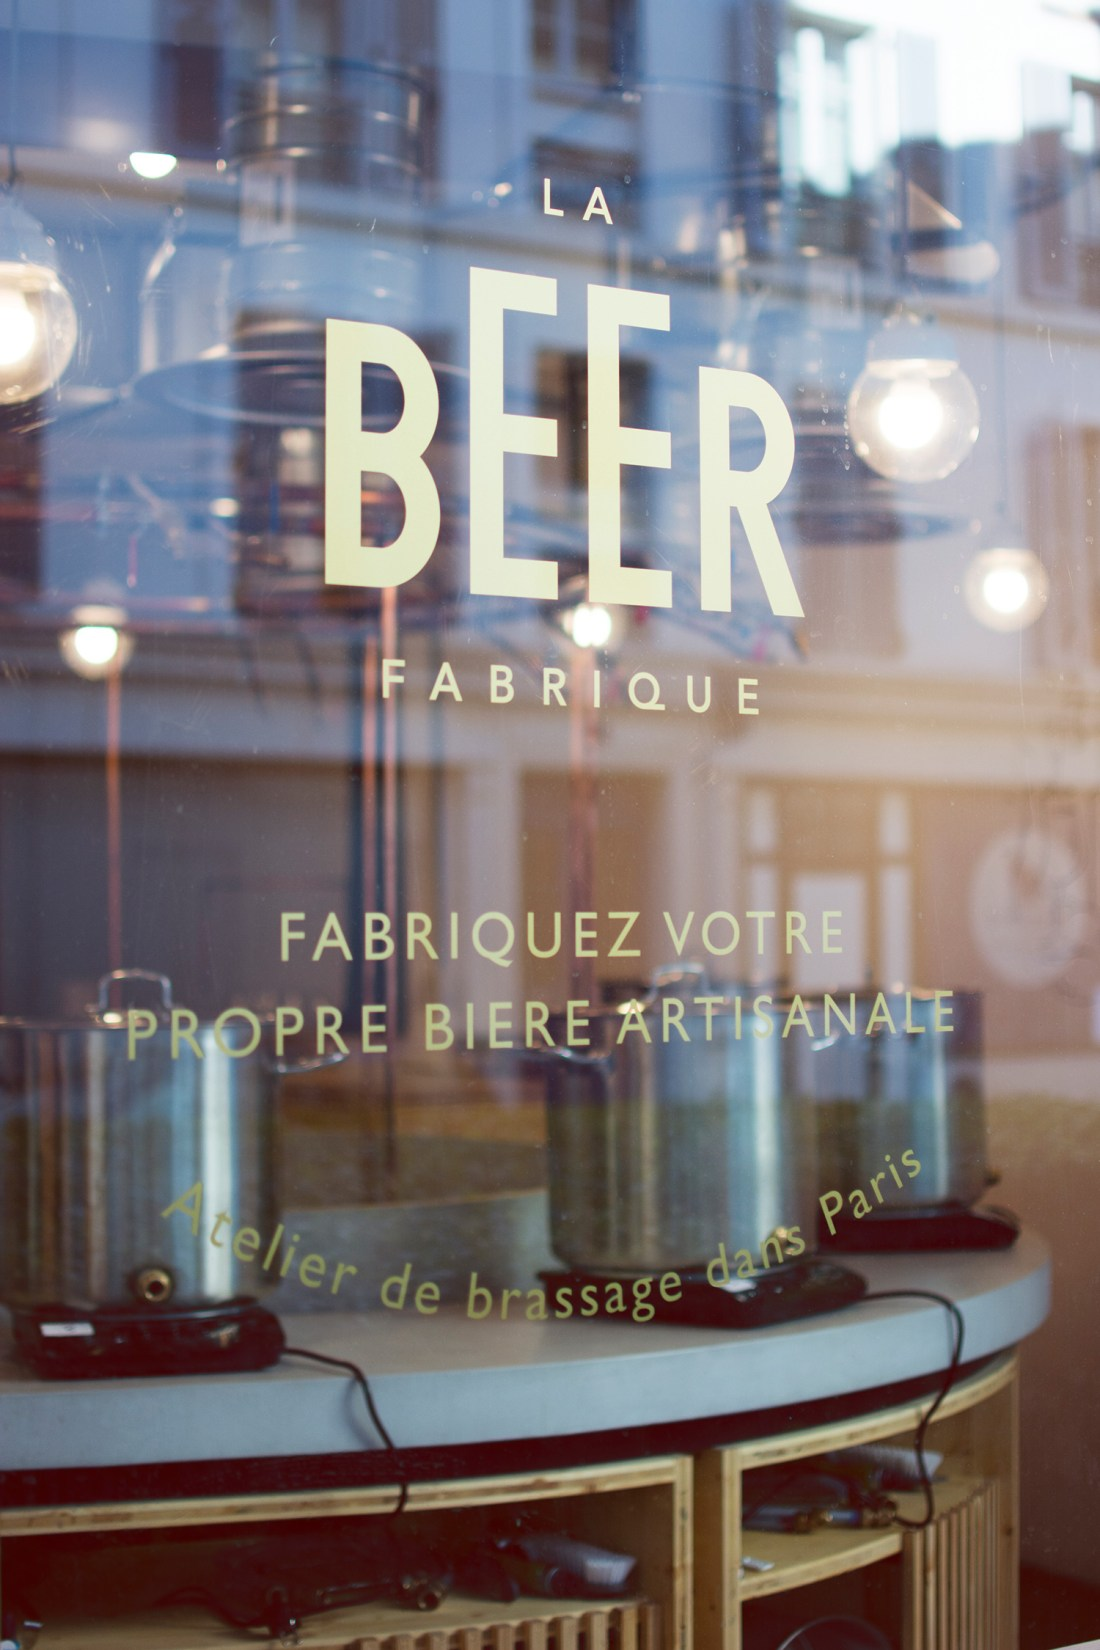 beerfabrique8